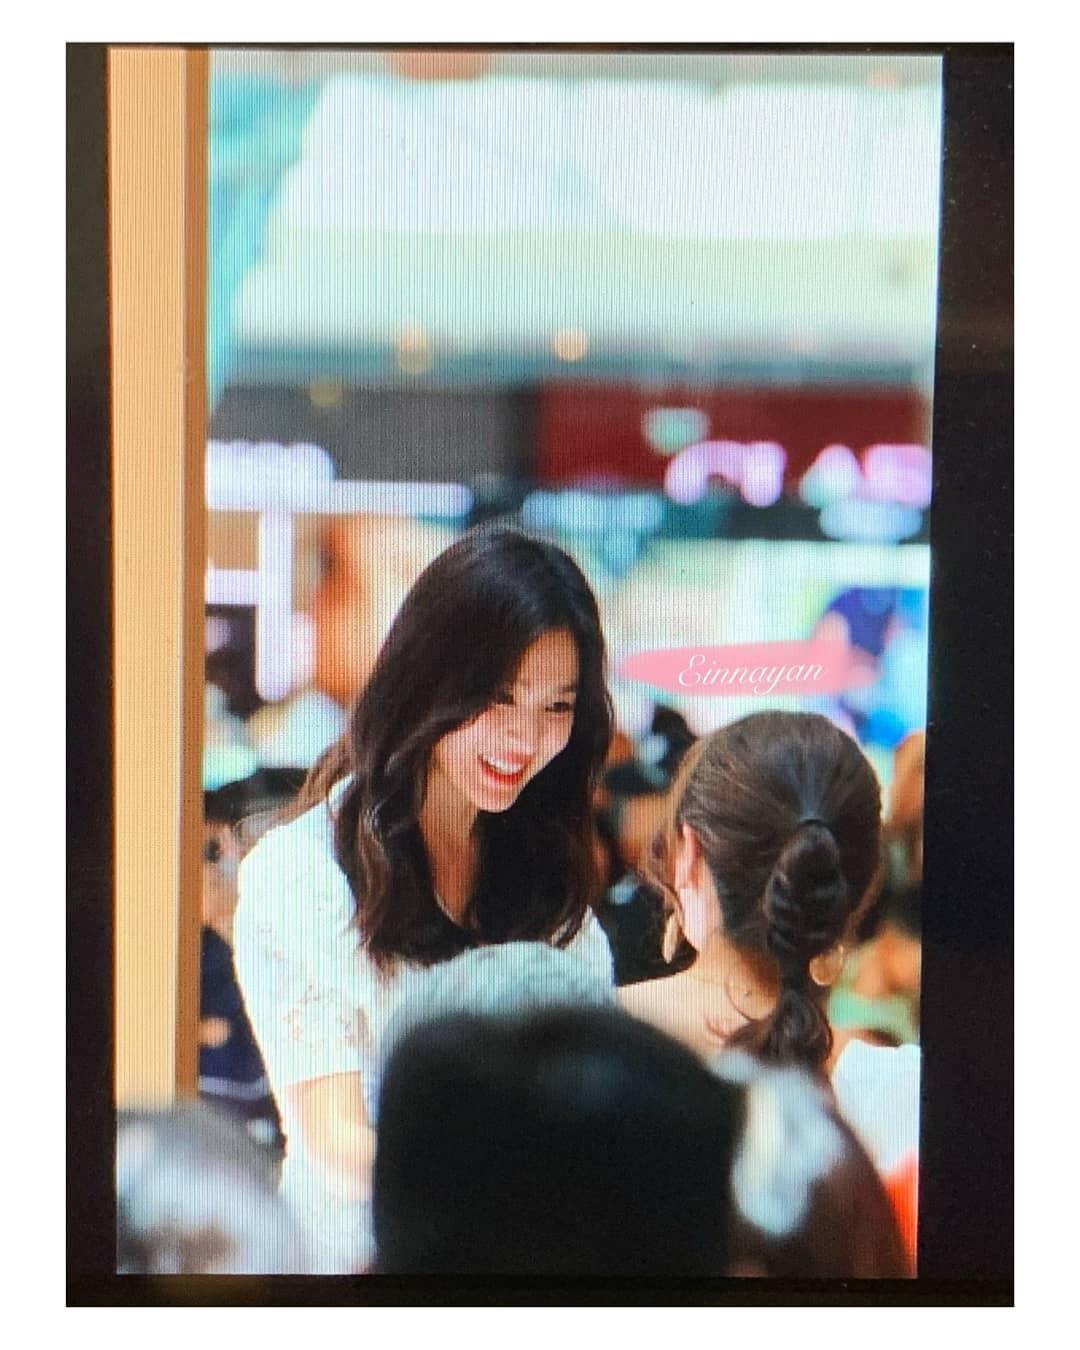 Loạt ảnh chụp vội của Song Hye Kyo gây sốt giữa bão ly hôn: Đúng là nhan sắc, thần thái bất chấp tất cả!-4